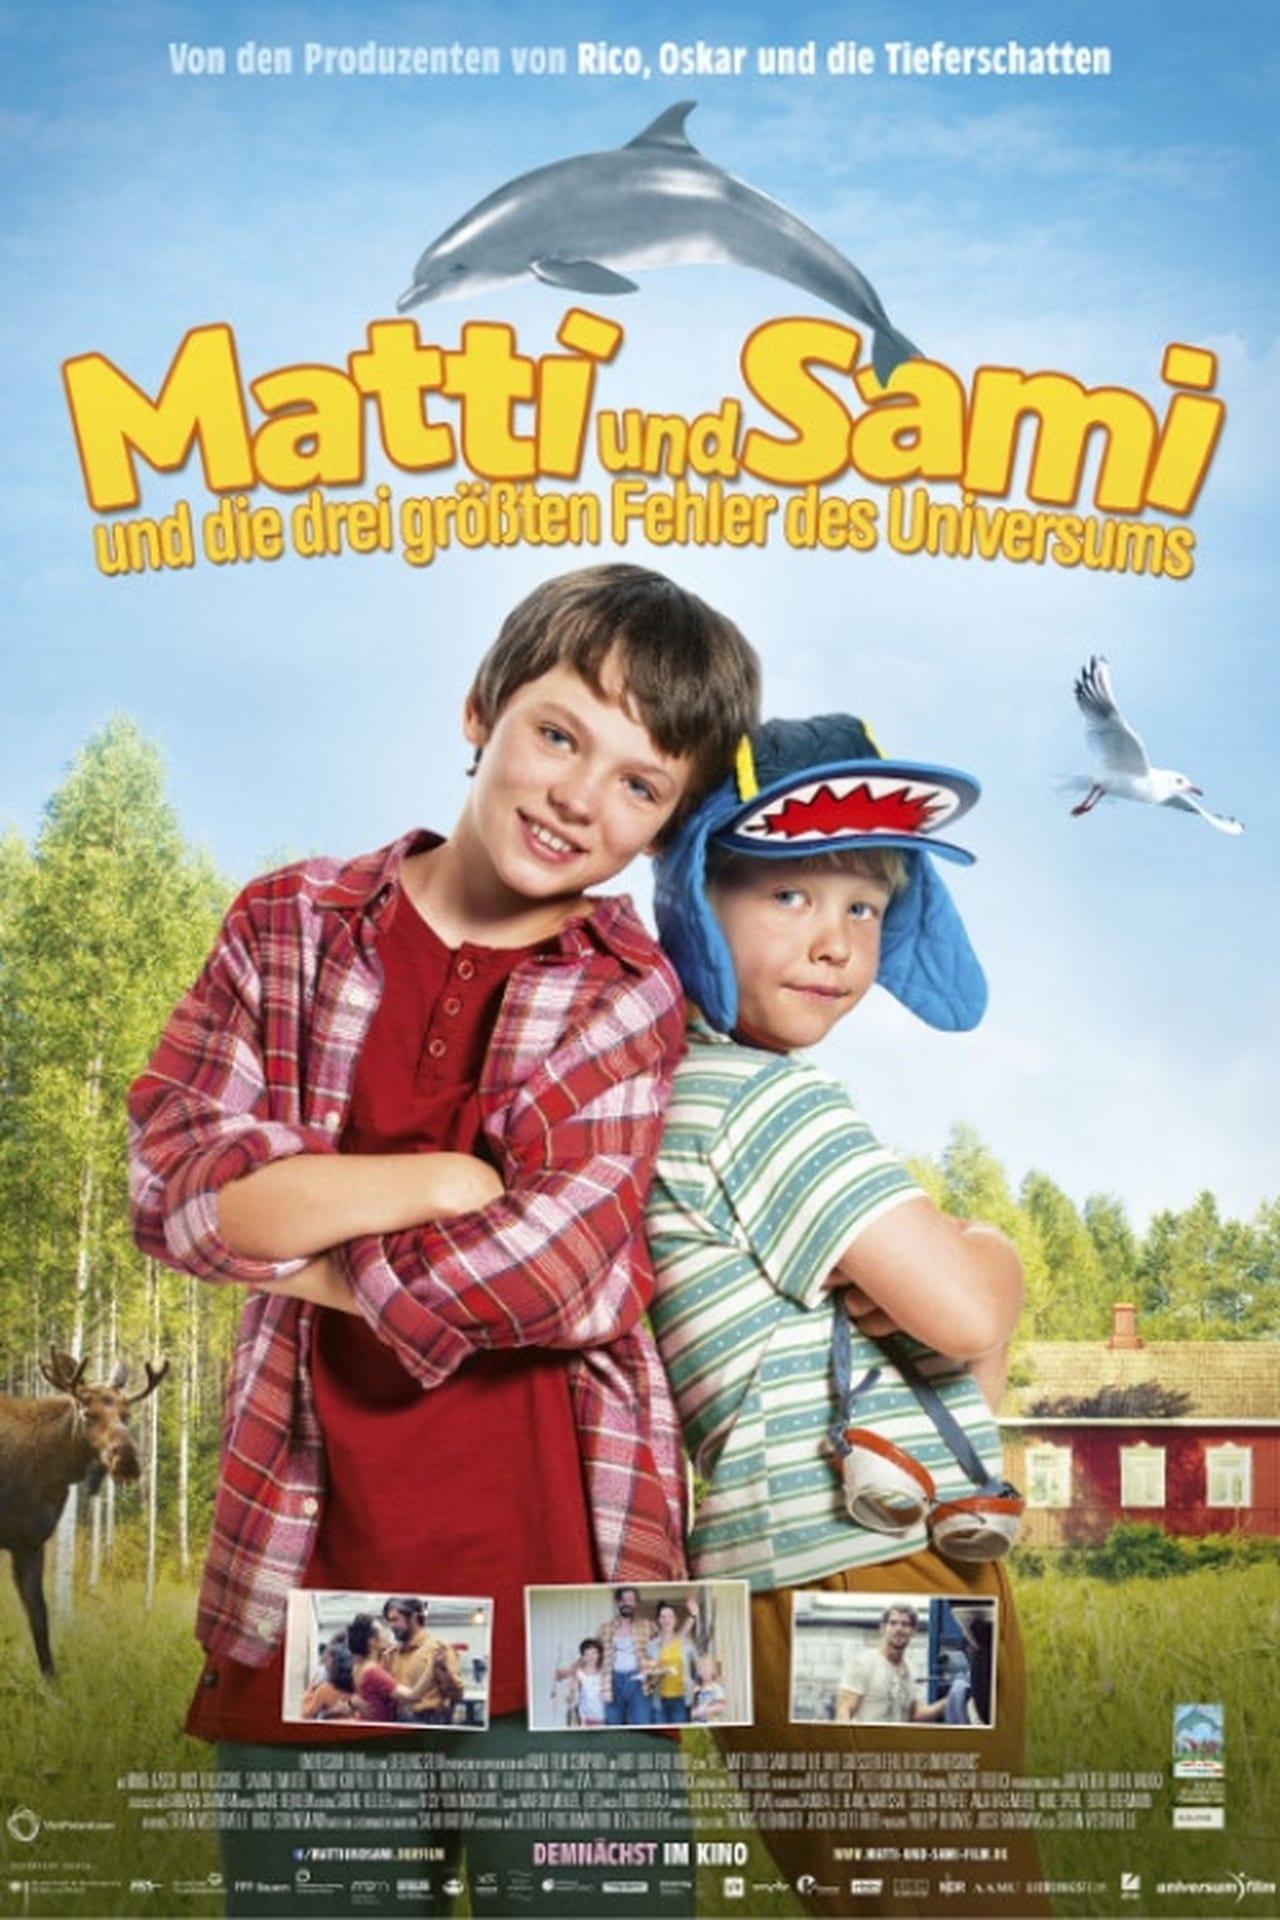 Matti & Sami und die drei grössten Fehler des Universums